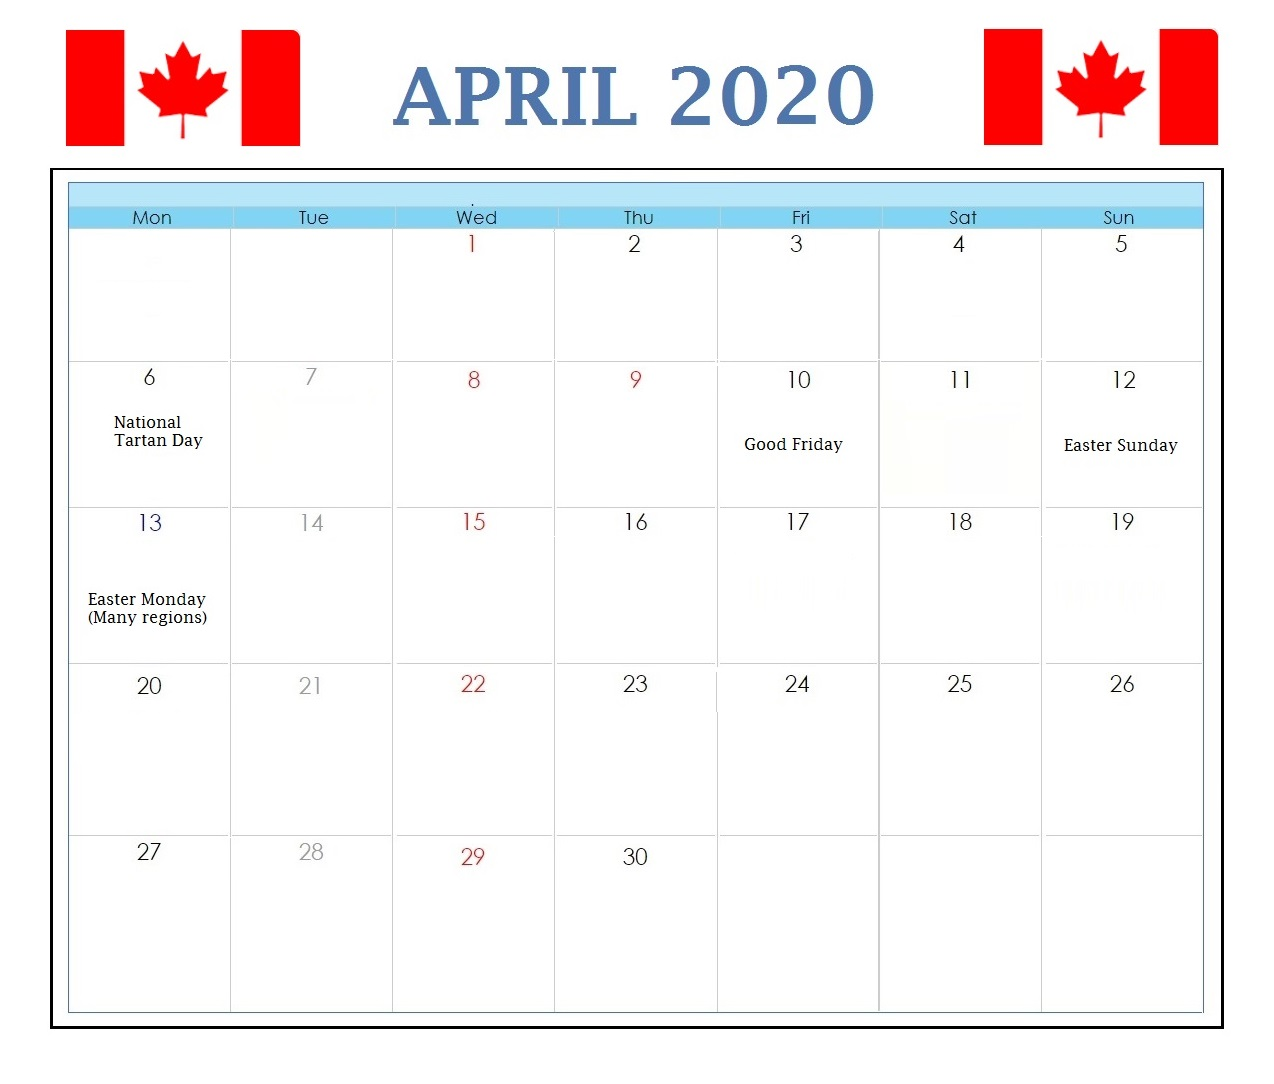 Canada April 2020 Calendar Holidays